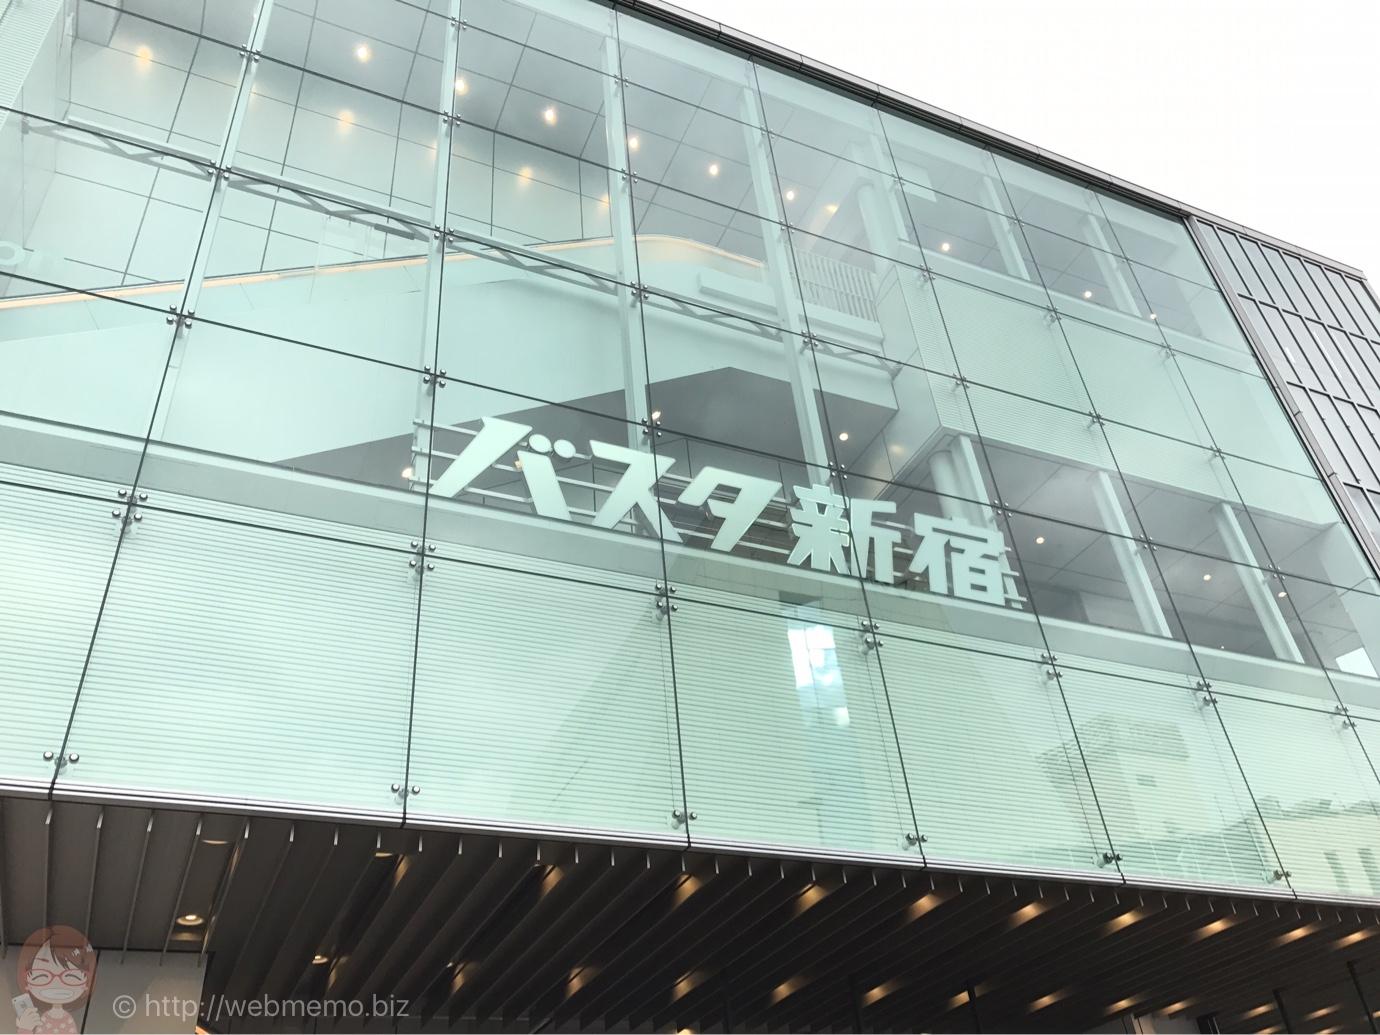 バスタ新宿発の高速バスで長野県小諸市に行く方法と所用時間・料金(安い!